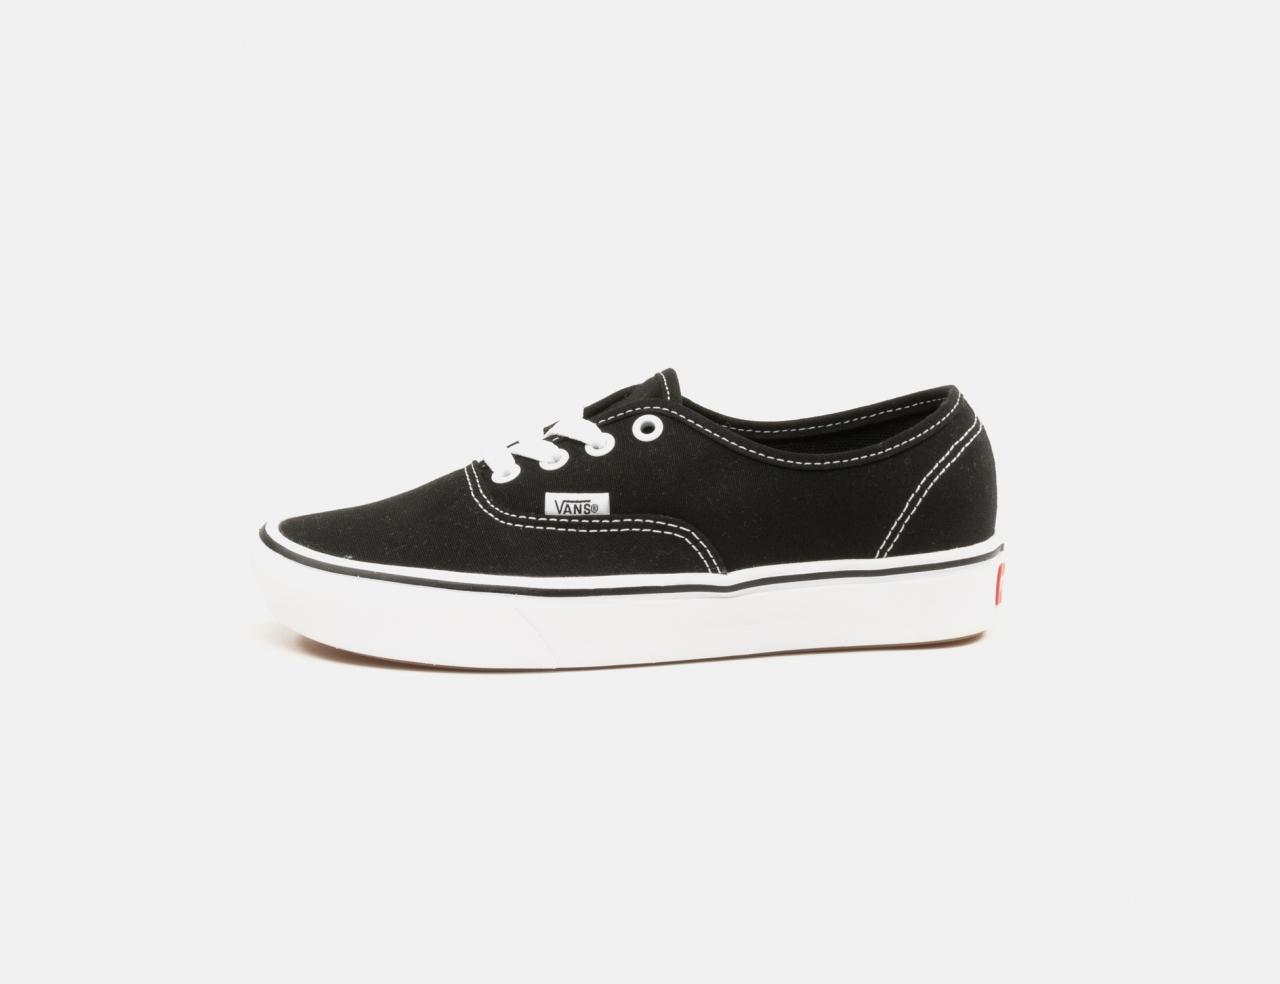 VANS Comfycush Authentic Sneaker low - (Classic) Black